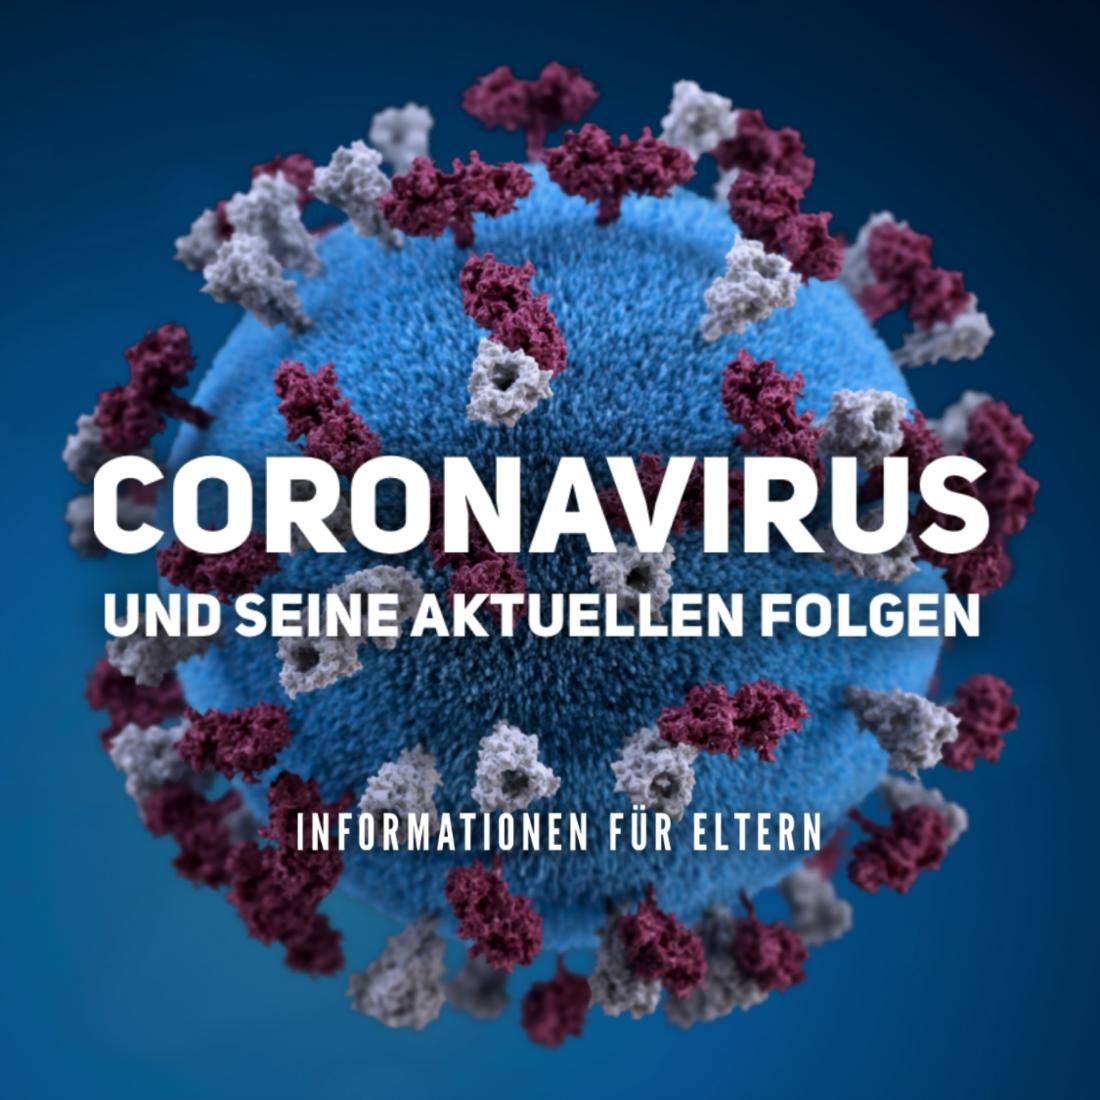 Coronavirus - Informationen für Eltern